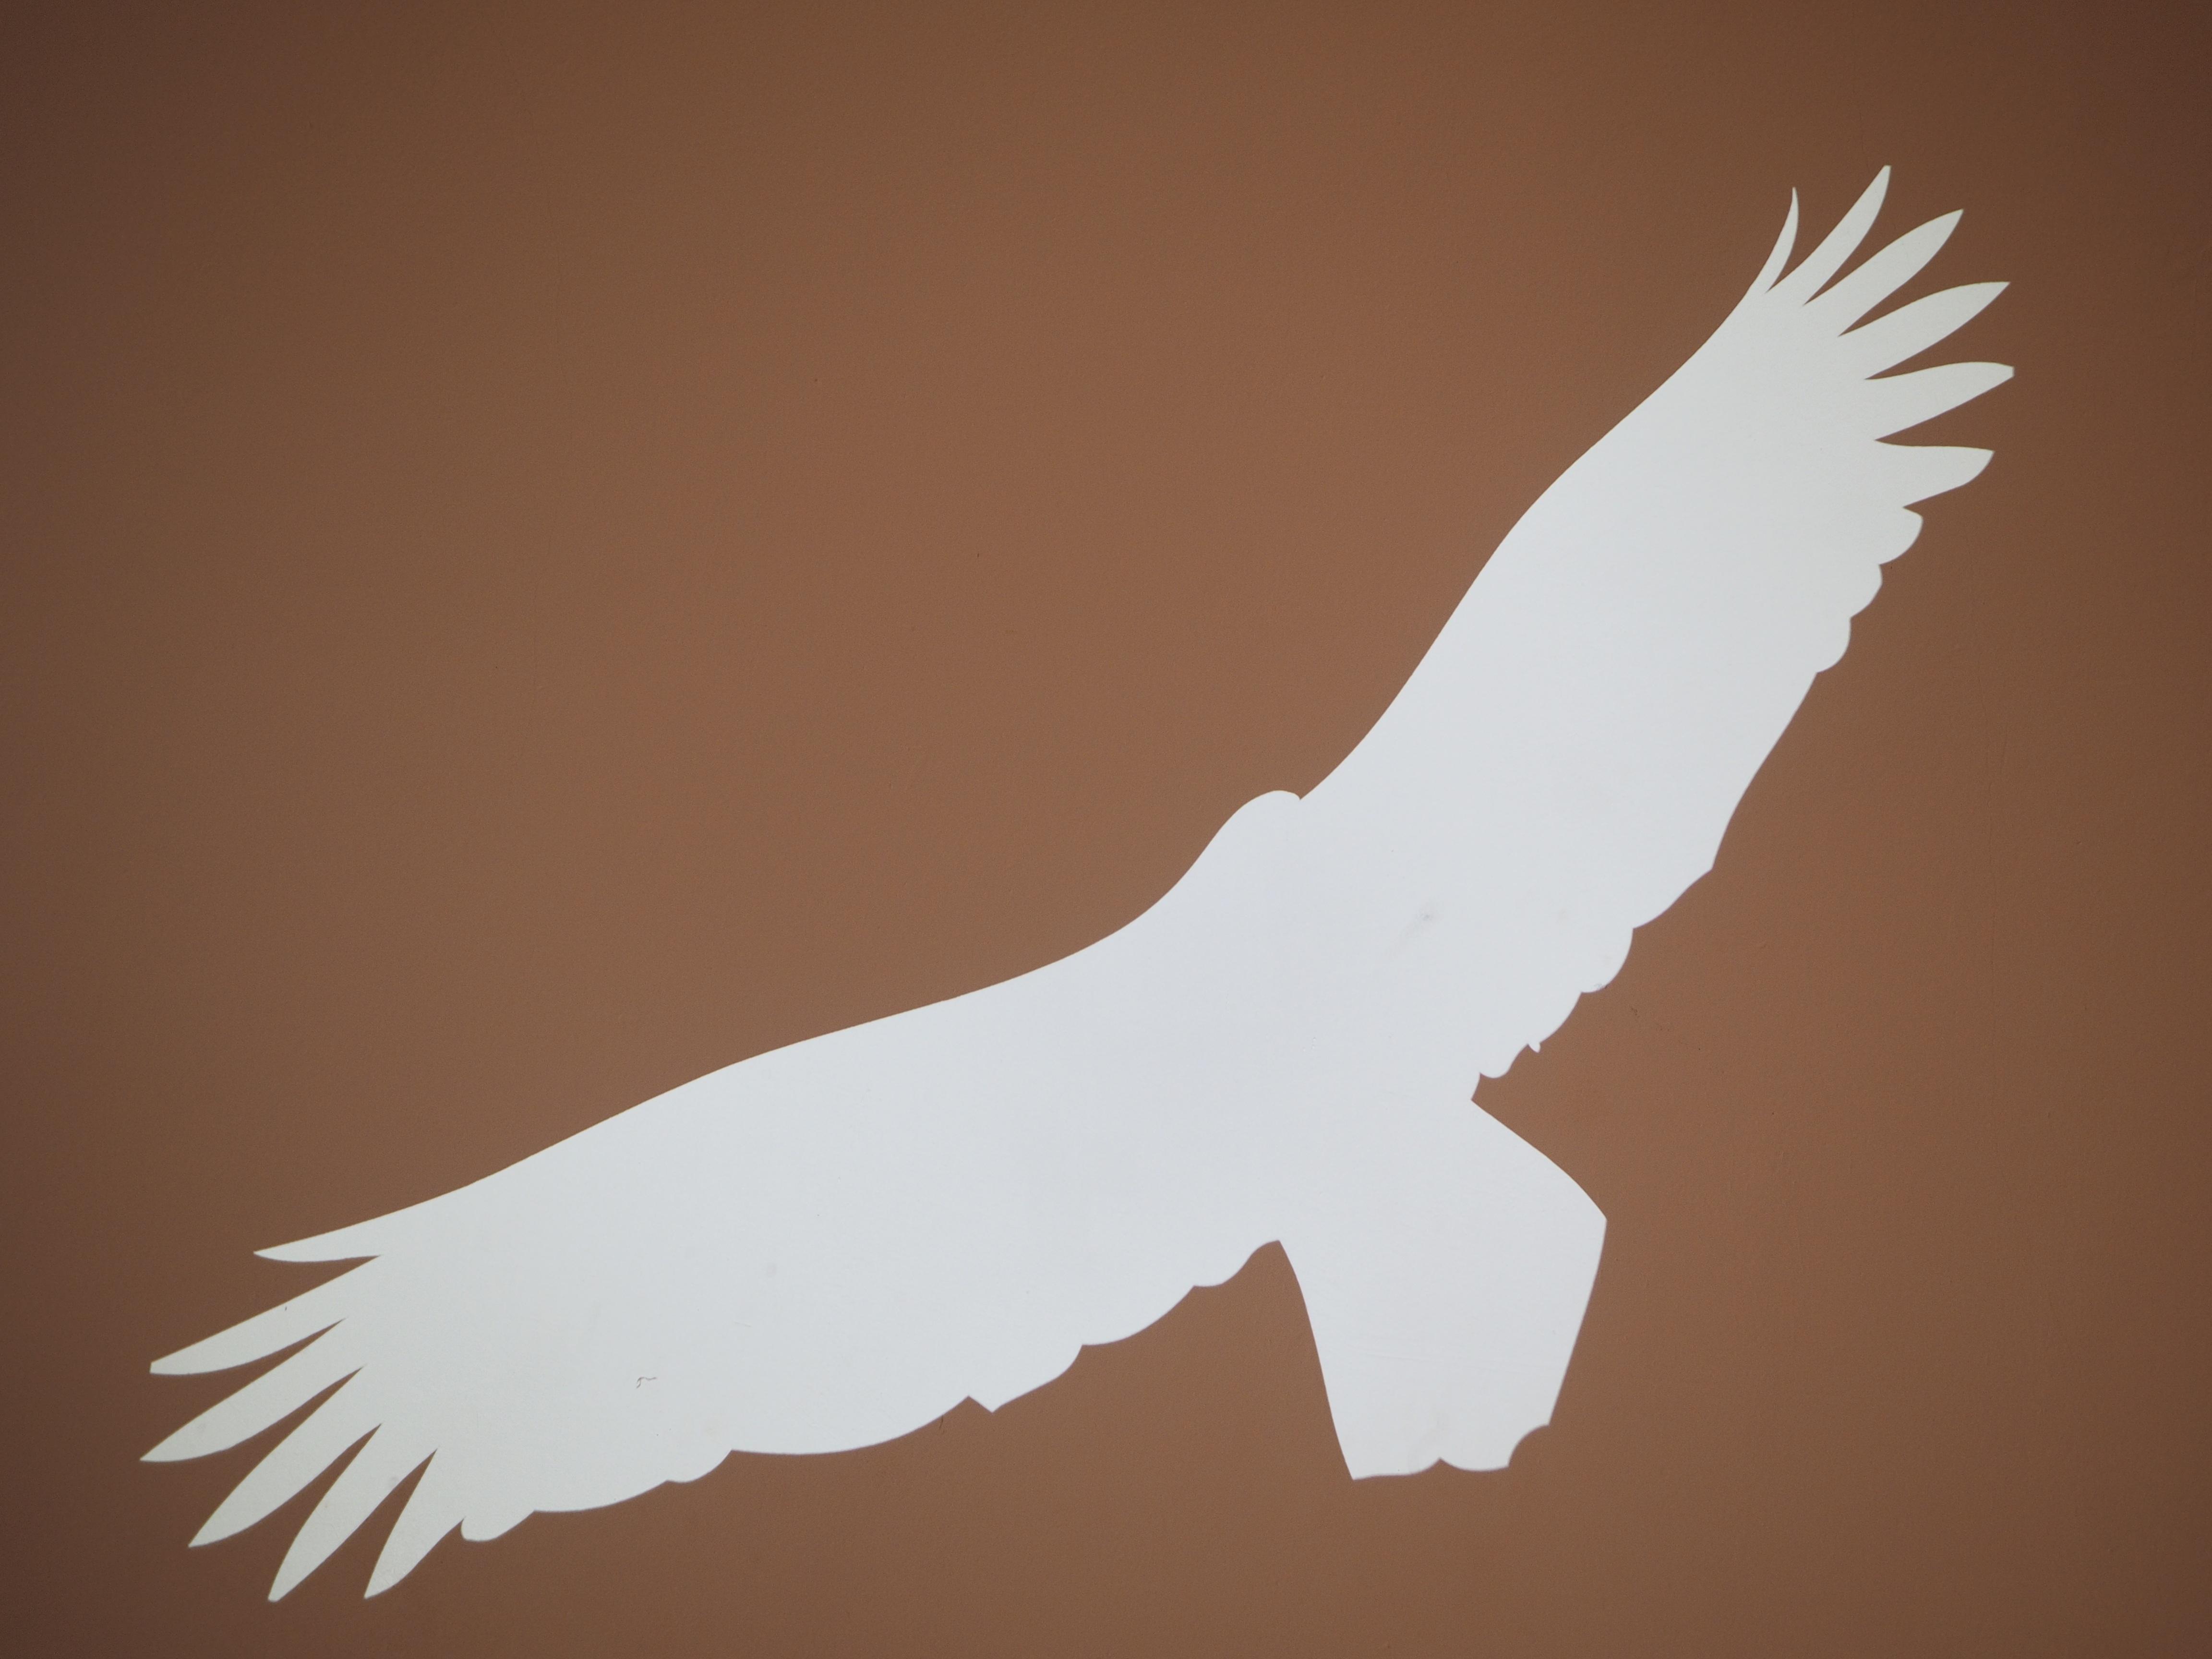 Gambar Tangan Bayangan Hitam Sayap Putih Terbang